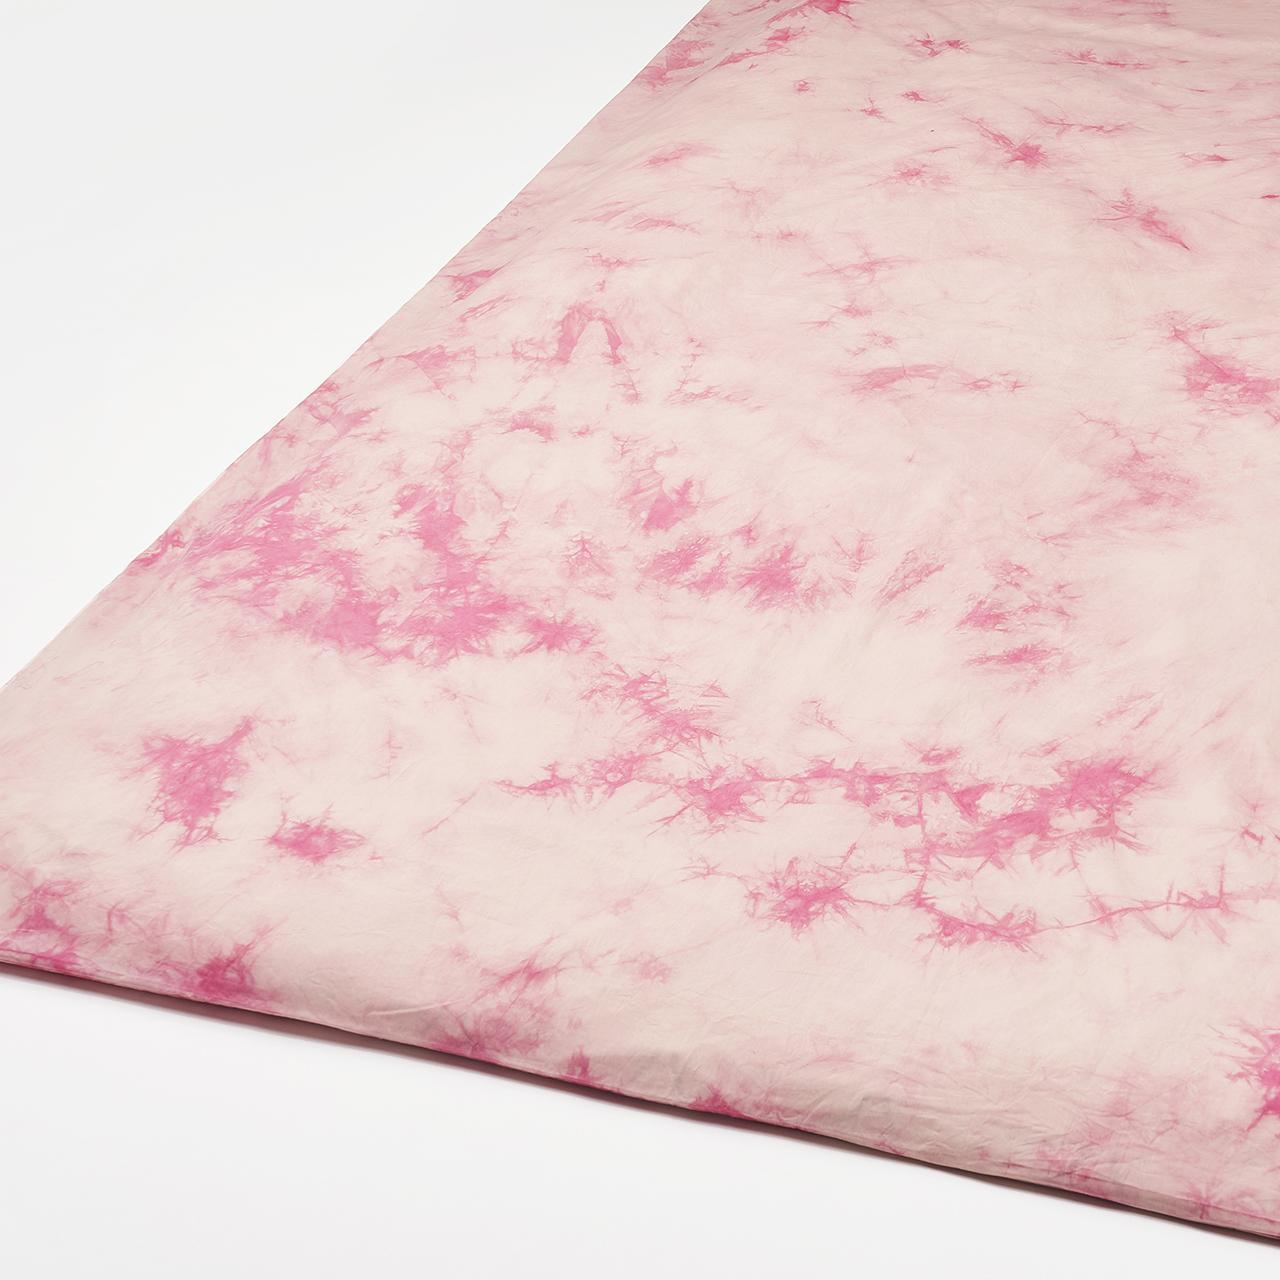 肌触りの良い掛け布団カバー(ピンク)シングルサイズ